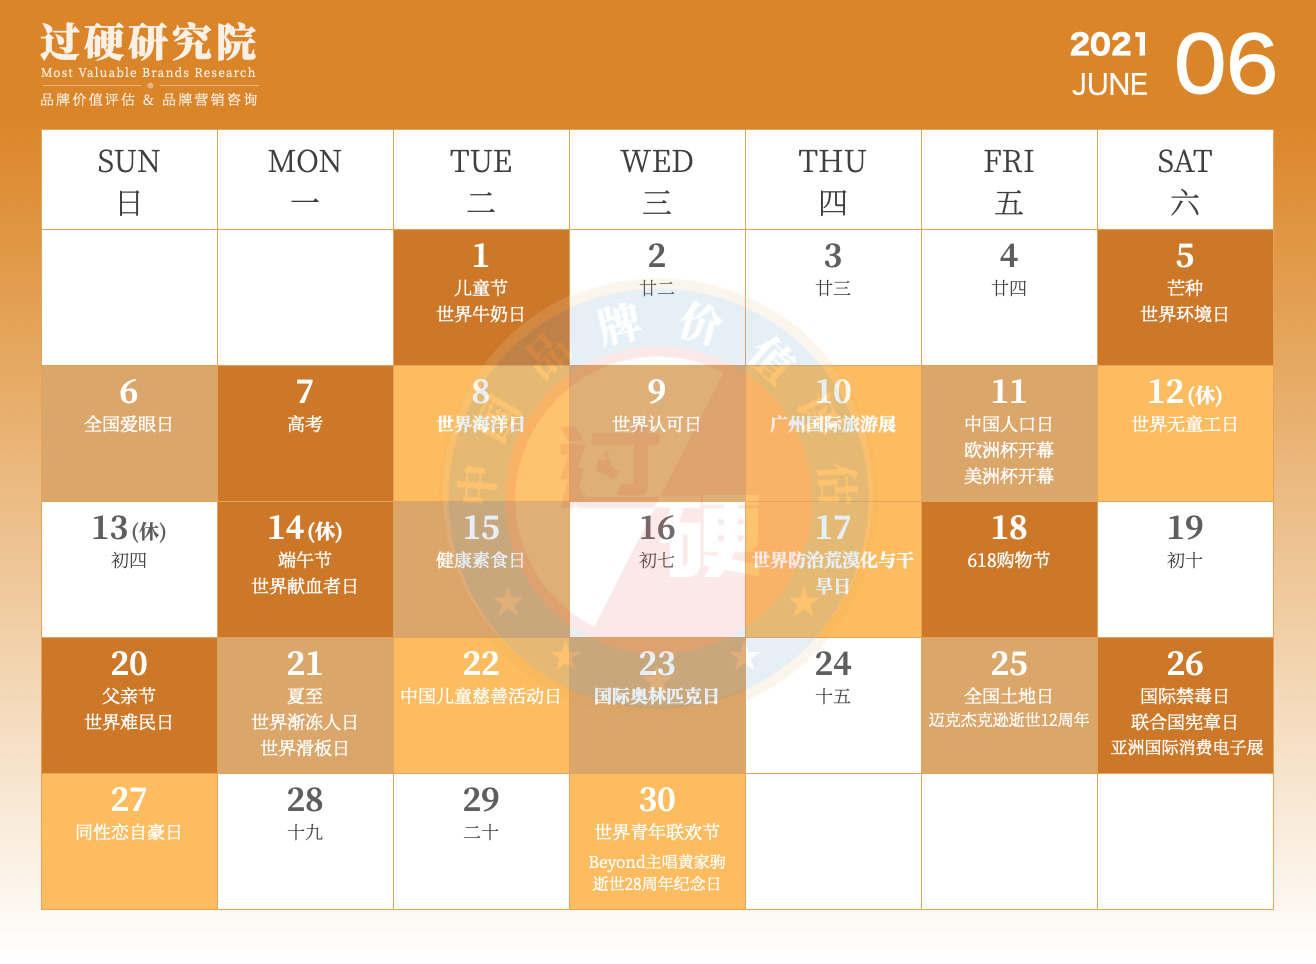 过硬2021年6月营销日历